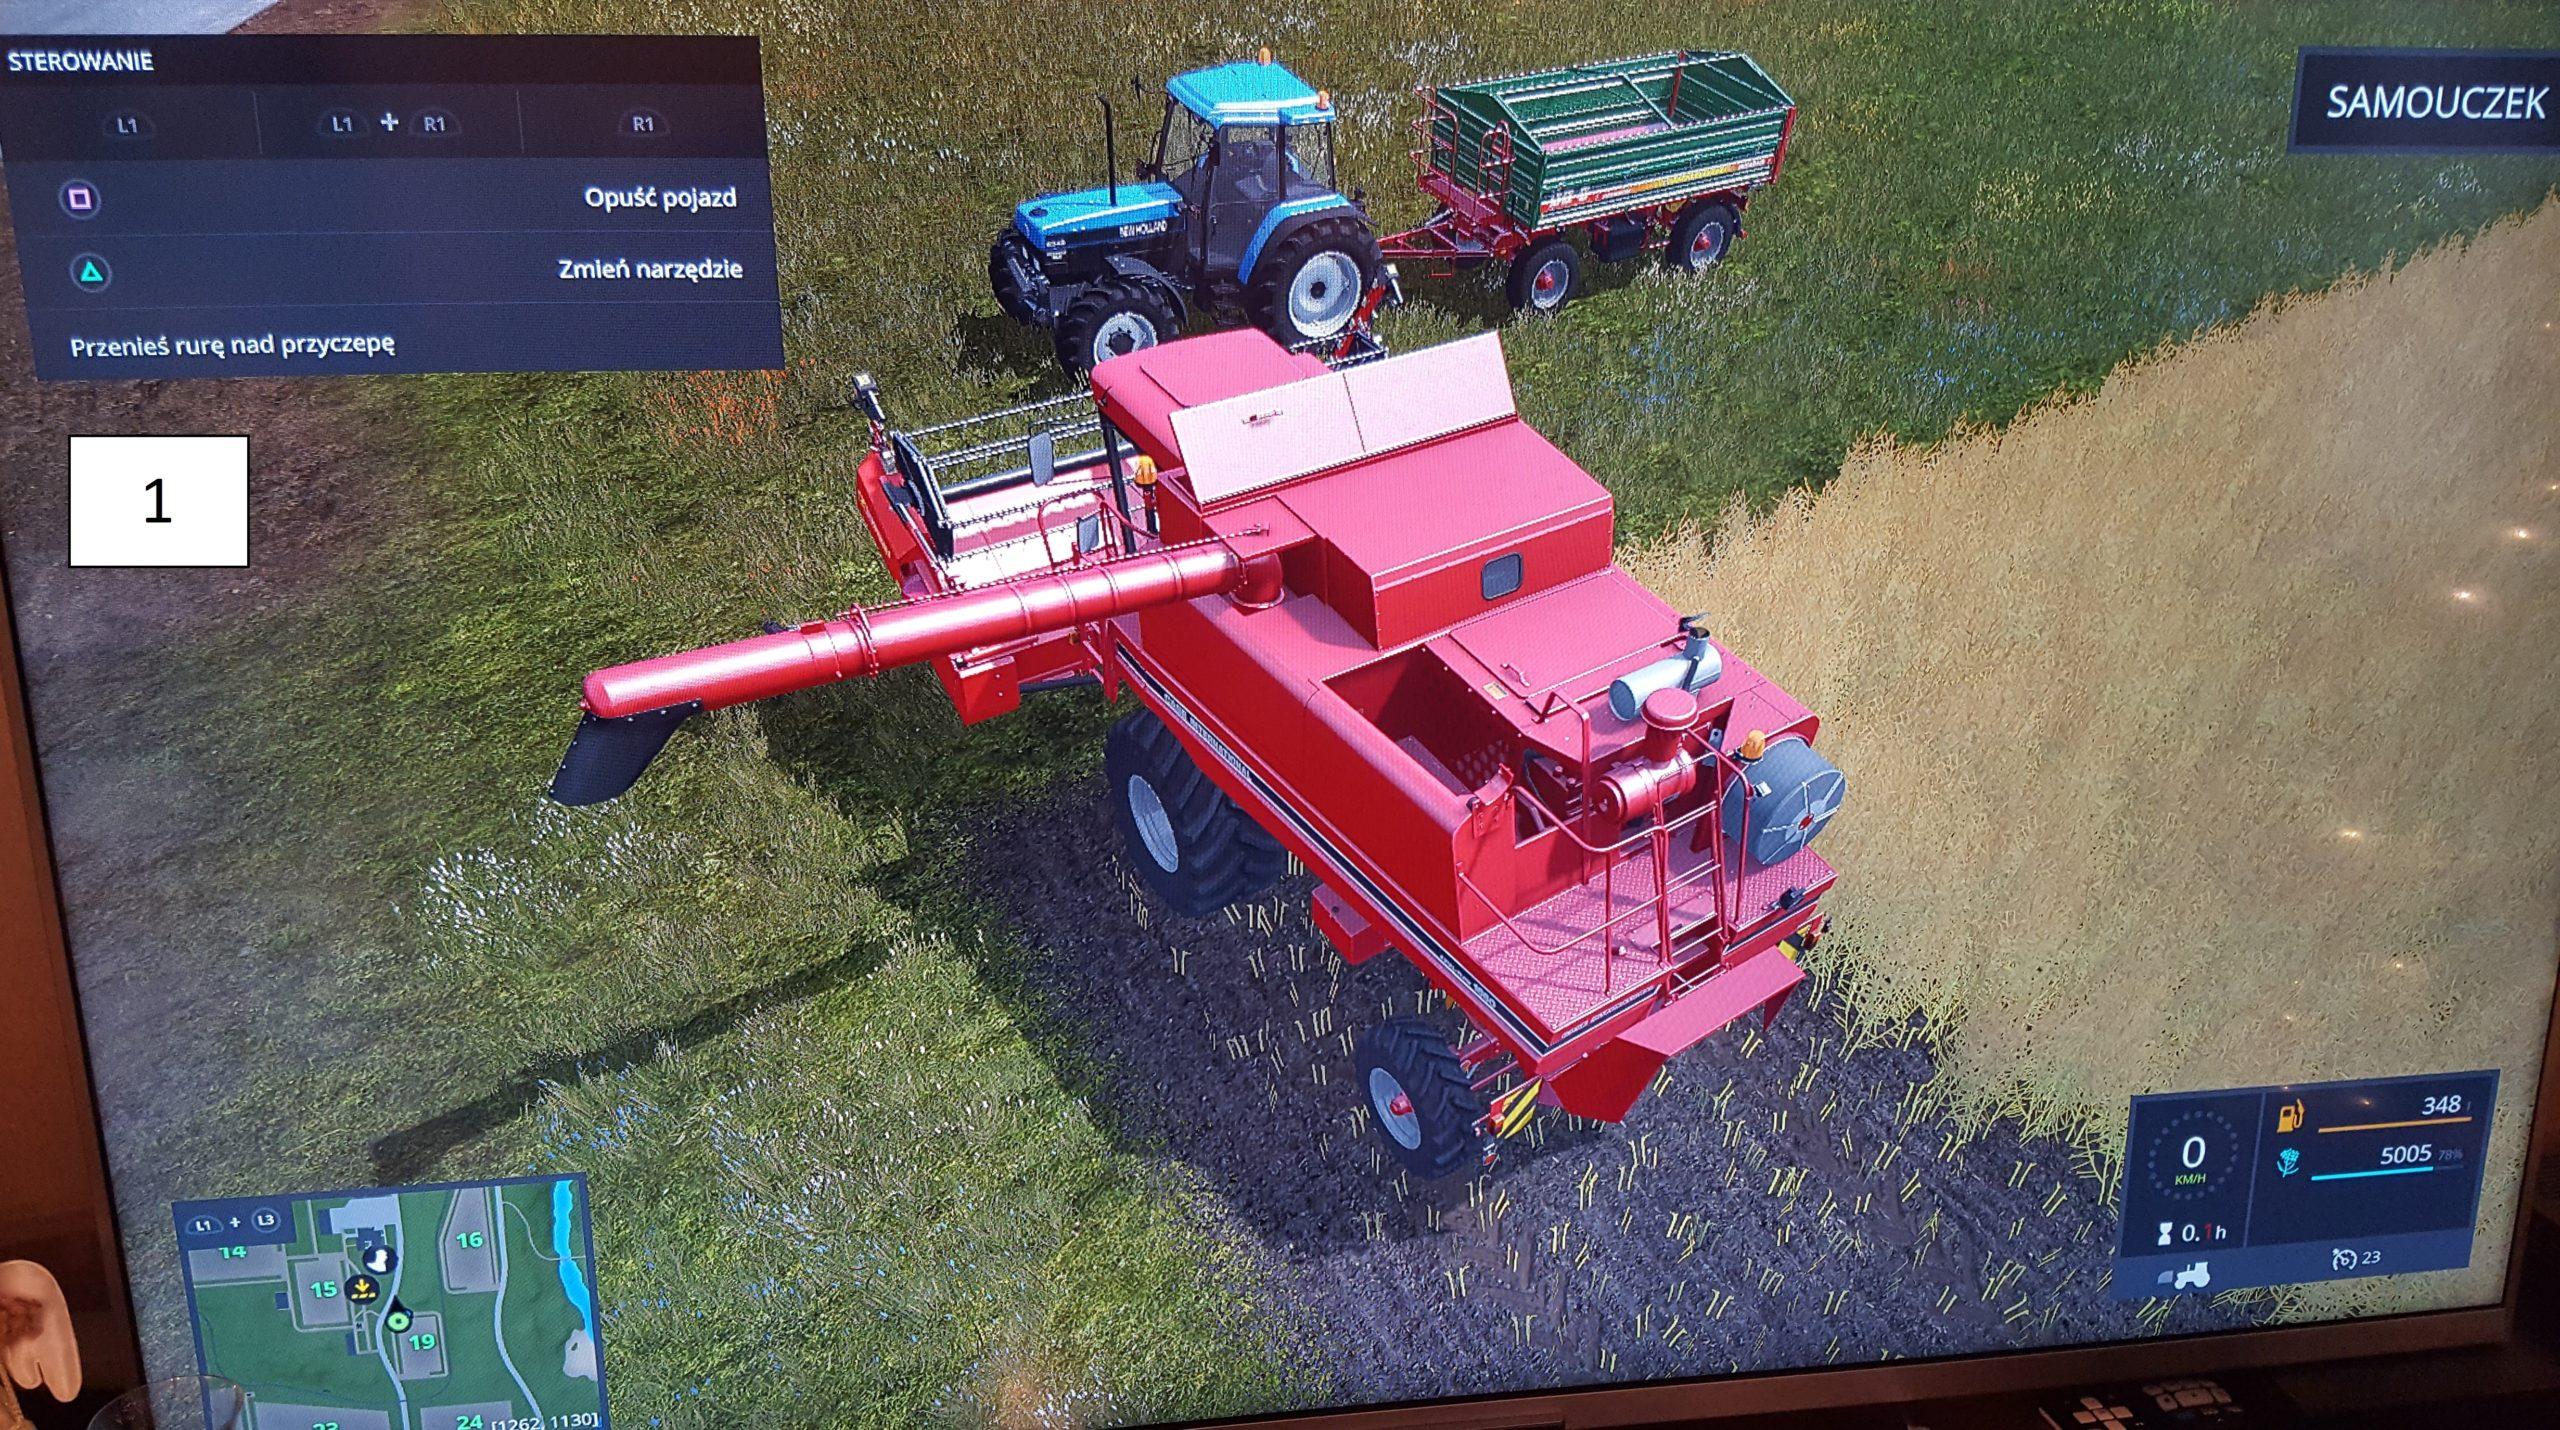 Przyczepa DB 8000 produkcji METALTECH zaprojektowana w Solid Edge dostępna w grze Farming Simulator 2017